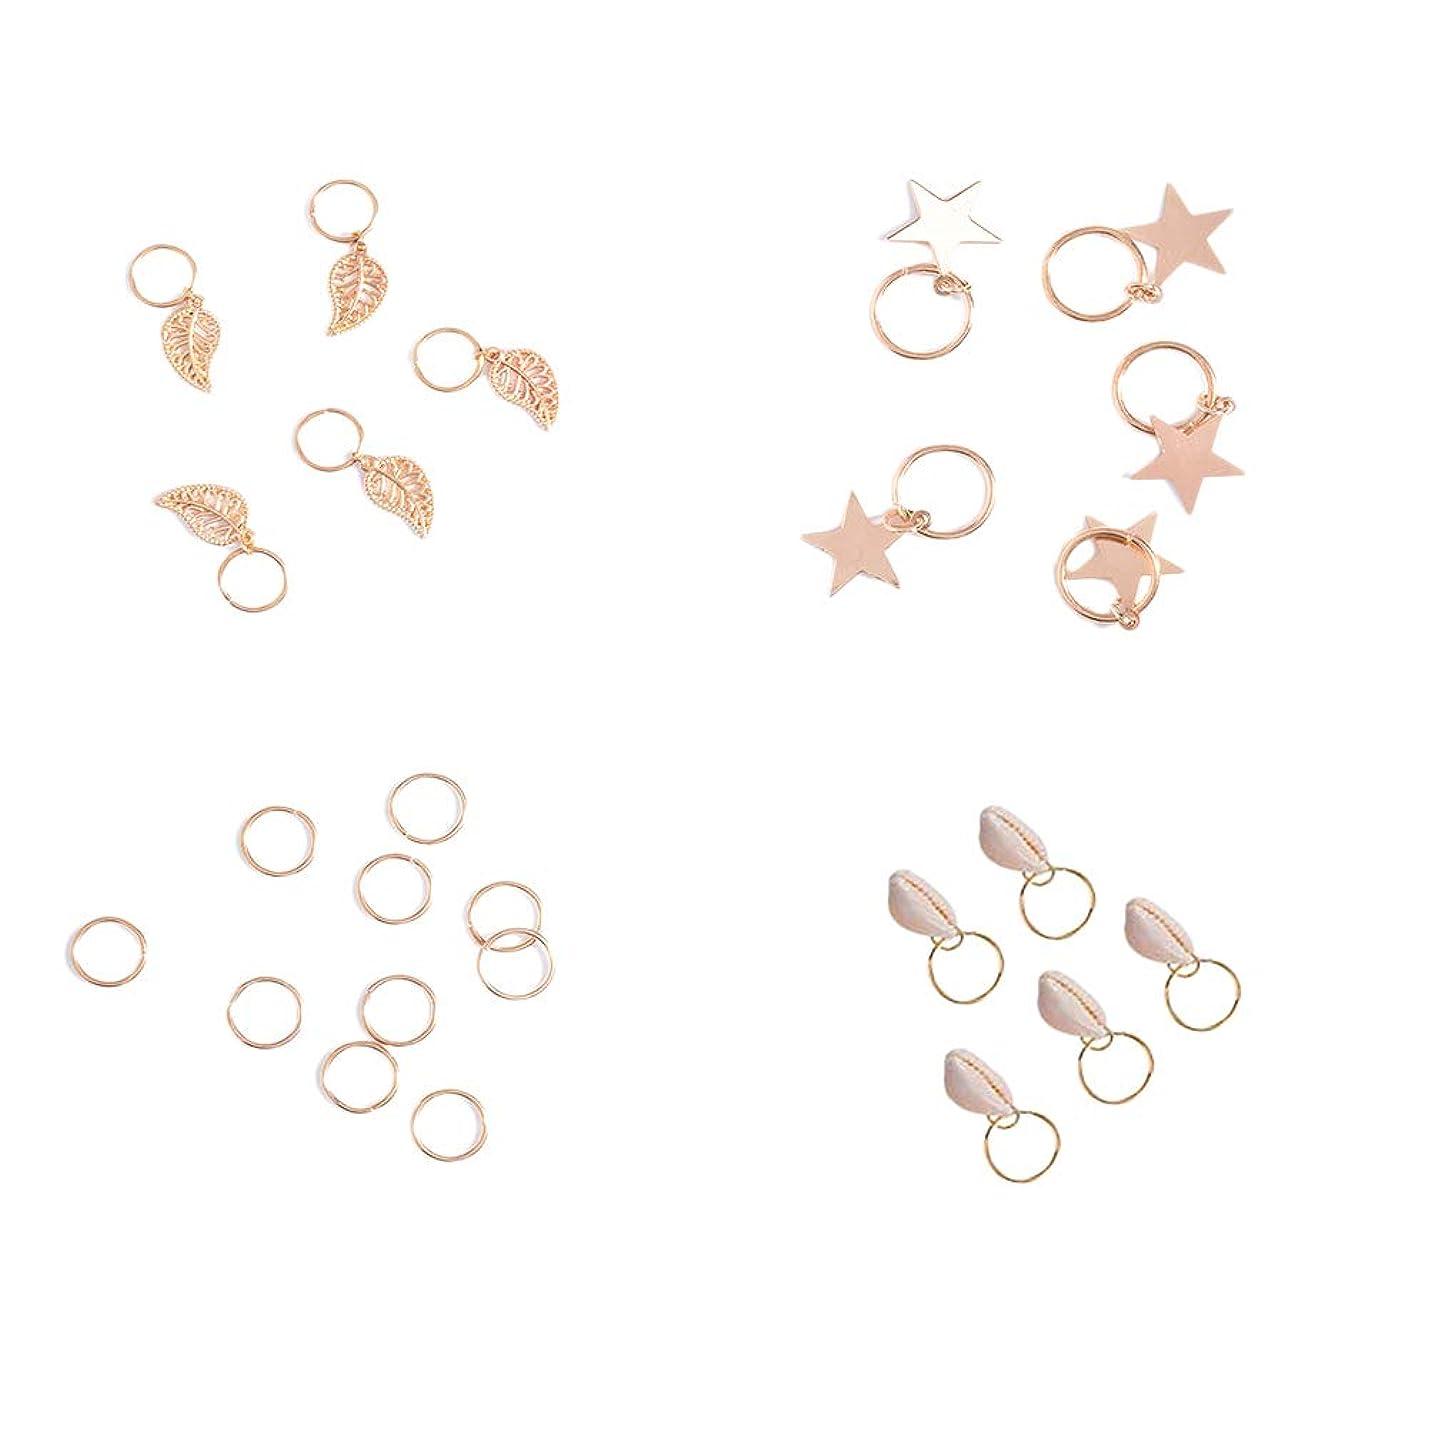 キモいジェームズダイソン真珠のようなSUPVOX 20ピース人格溝ヘアクリップ小さな汚れたヘアアクセサリーヘアブレードリングヘアループクリップゴールドリングシェルスターリーフパールペンダントリングセット